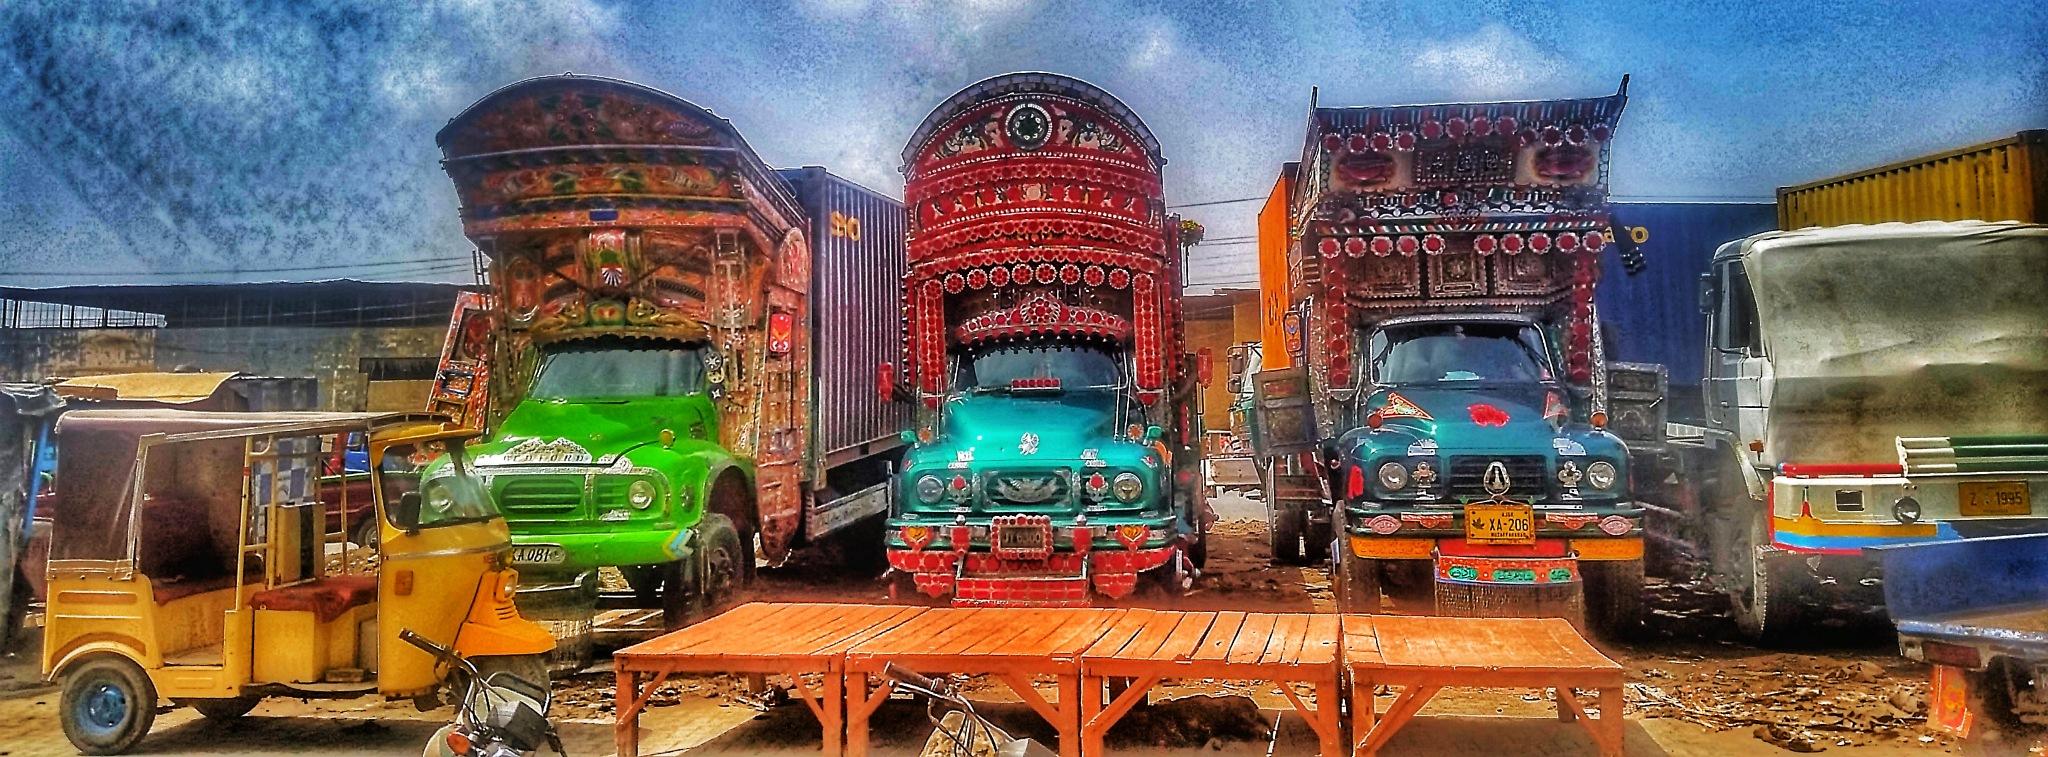 Untitled by muhammad ahmad tahir